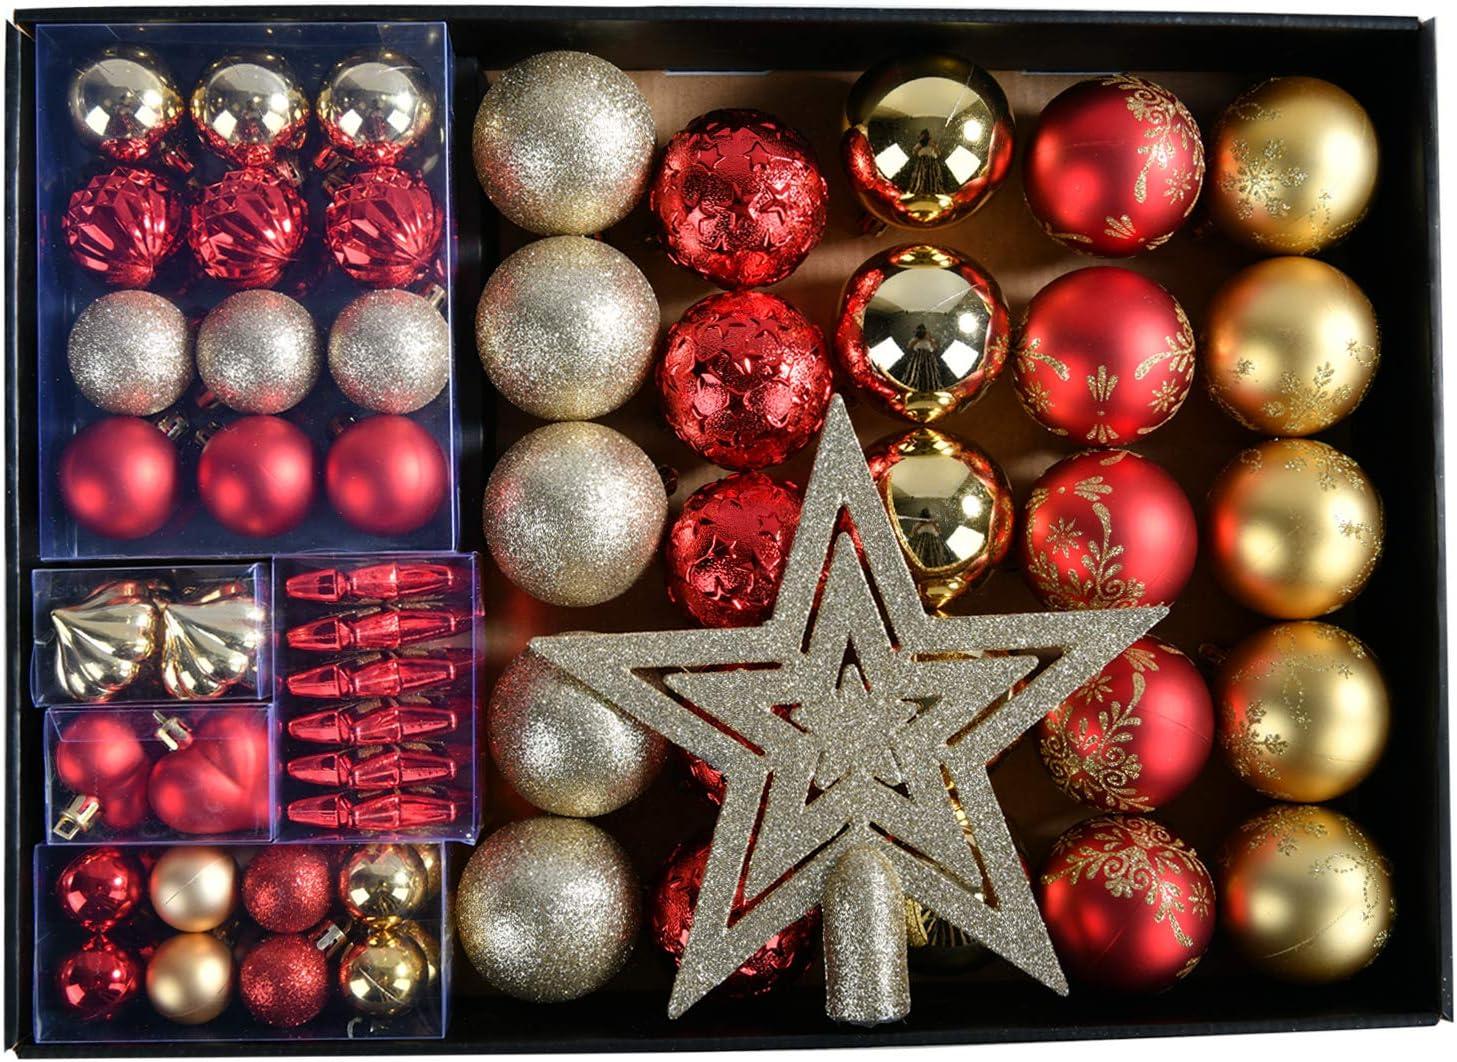 2.36 Bolas de Navidad /árboles de Navidad Pl/ástico inastillable Decoraciones para /árboles Adornos Colgantes Decoraci/ón para Festivales Lago Azul Tiowo 24Pcs 6cm